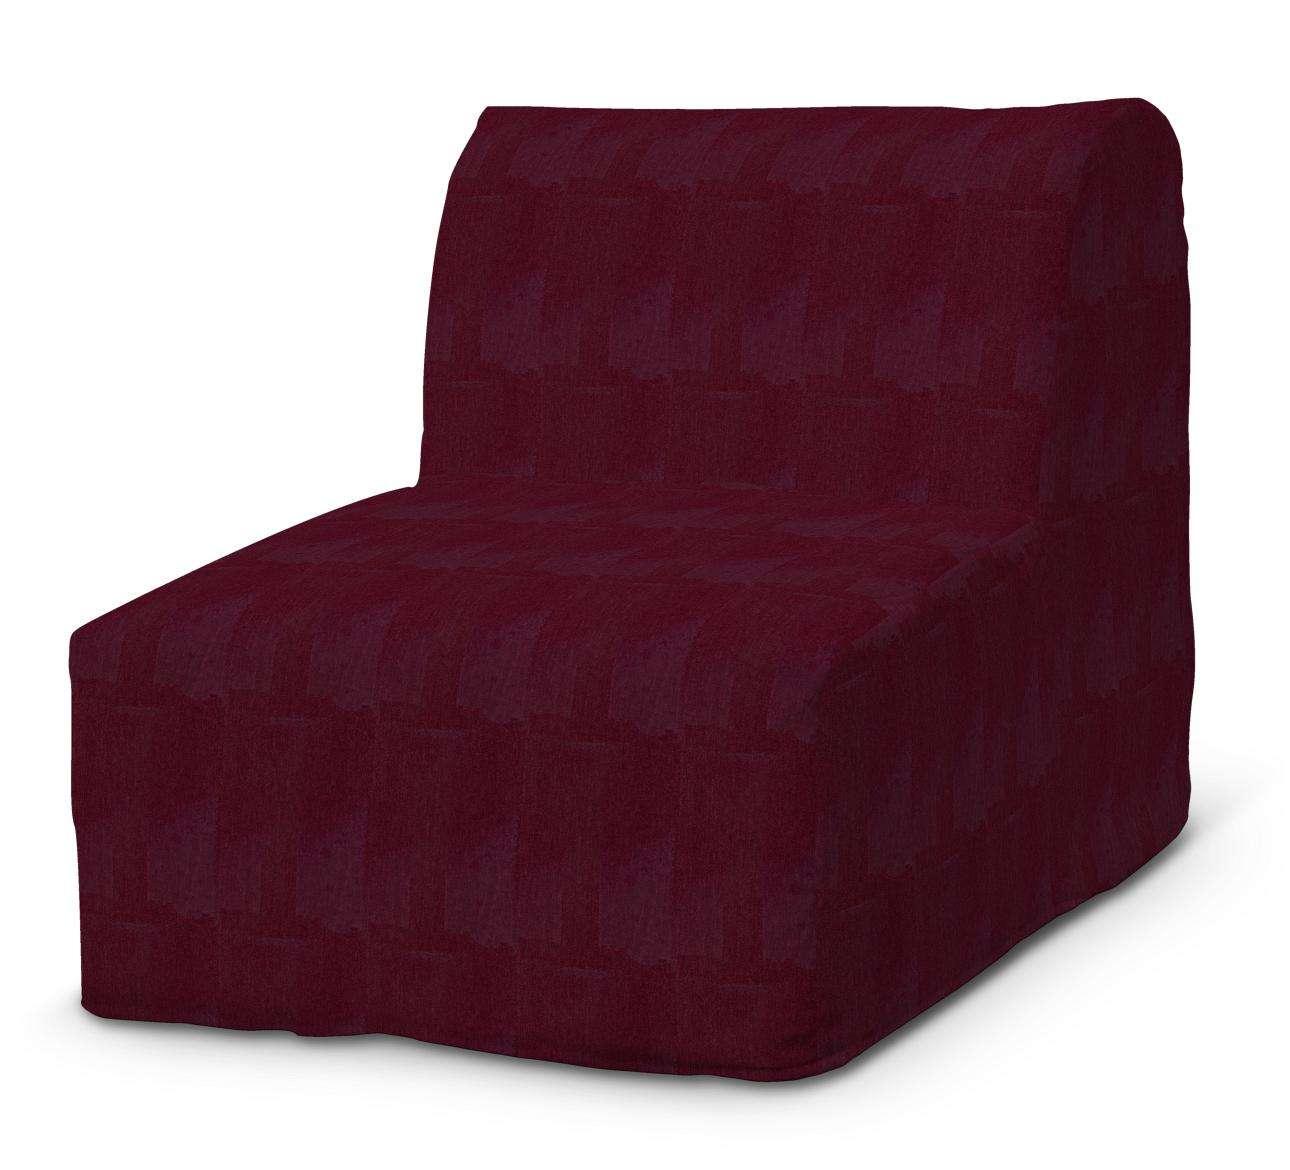 Lycksele fotelio užvalkalas Lycksele fotelis kolekcijoje Chenille, audinys: 702-19